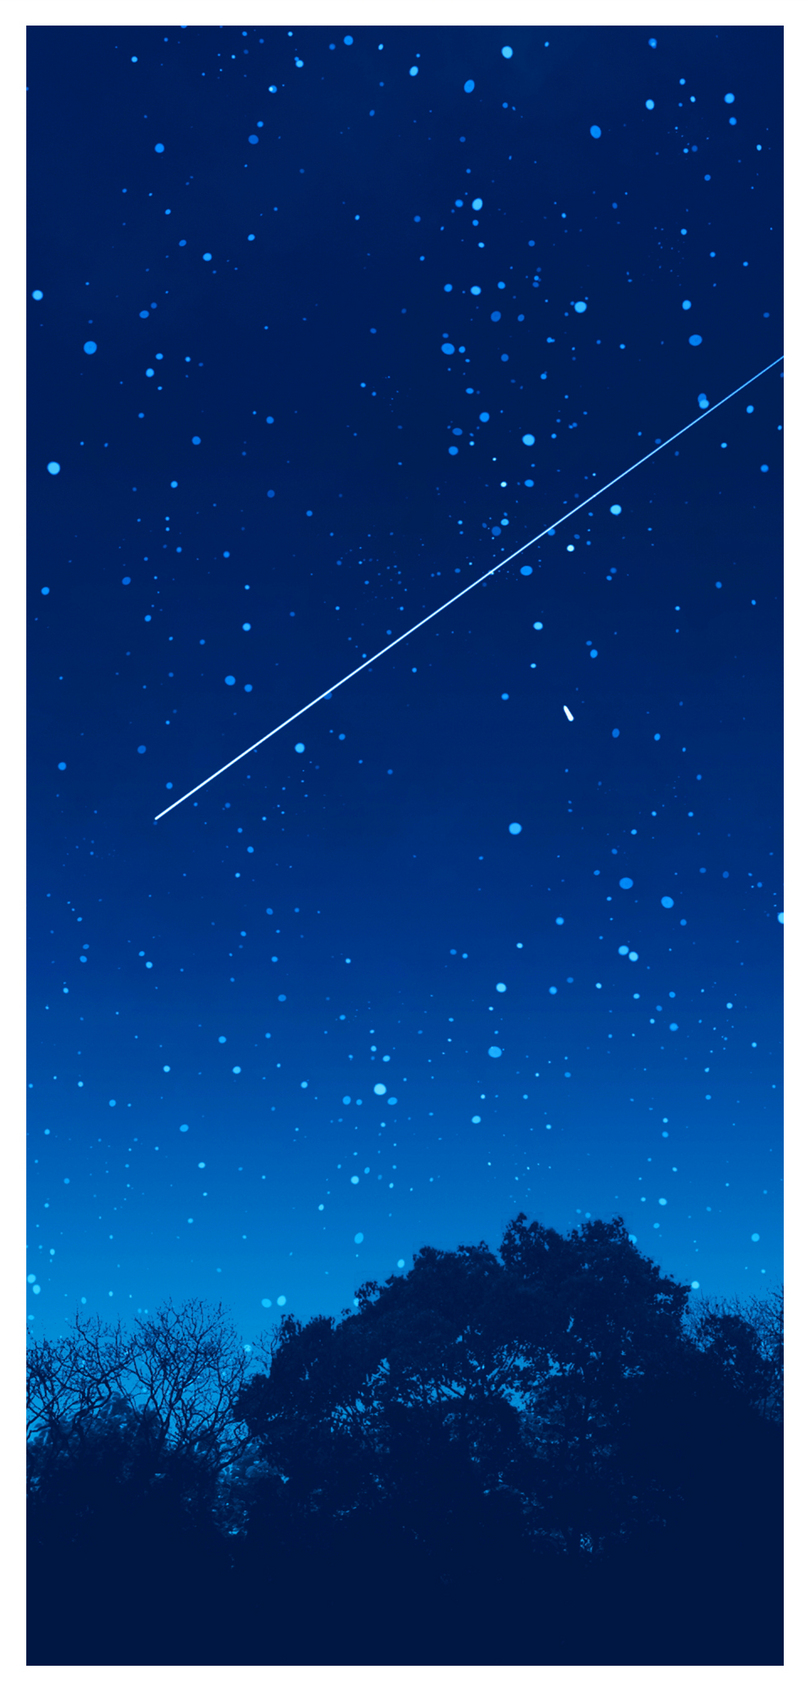 壁纸星空 星星 空间 黑暗高清 宽屏 高清晰度 全屏